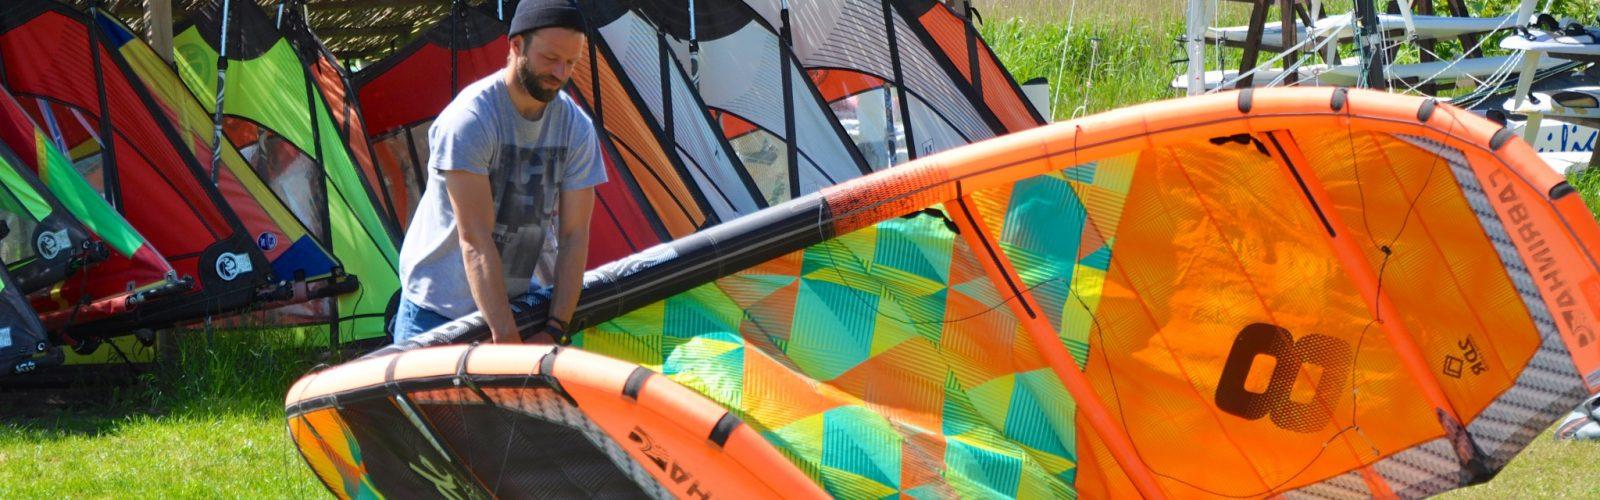 Vor dem Kitesurfkurs